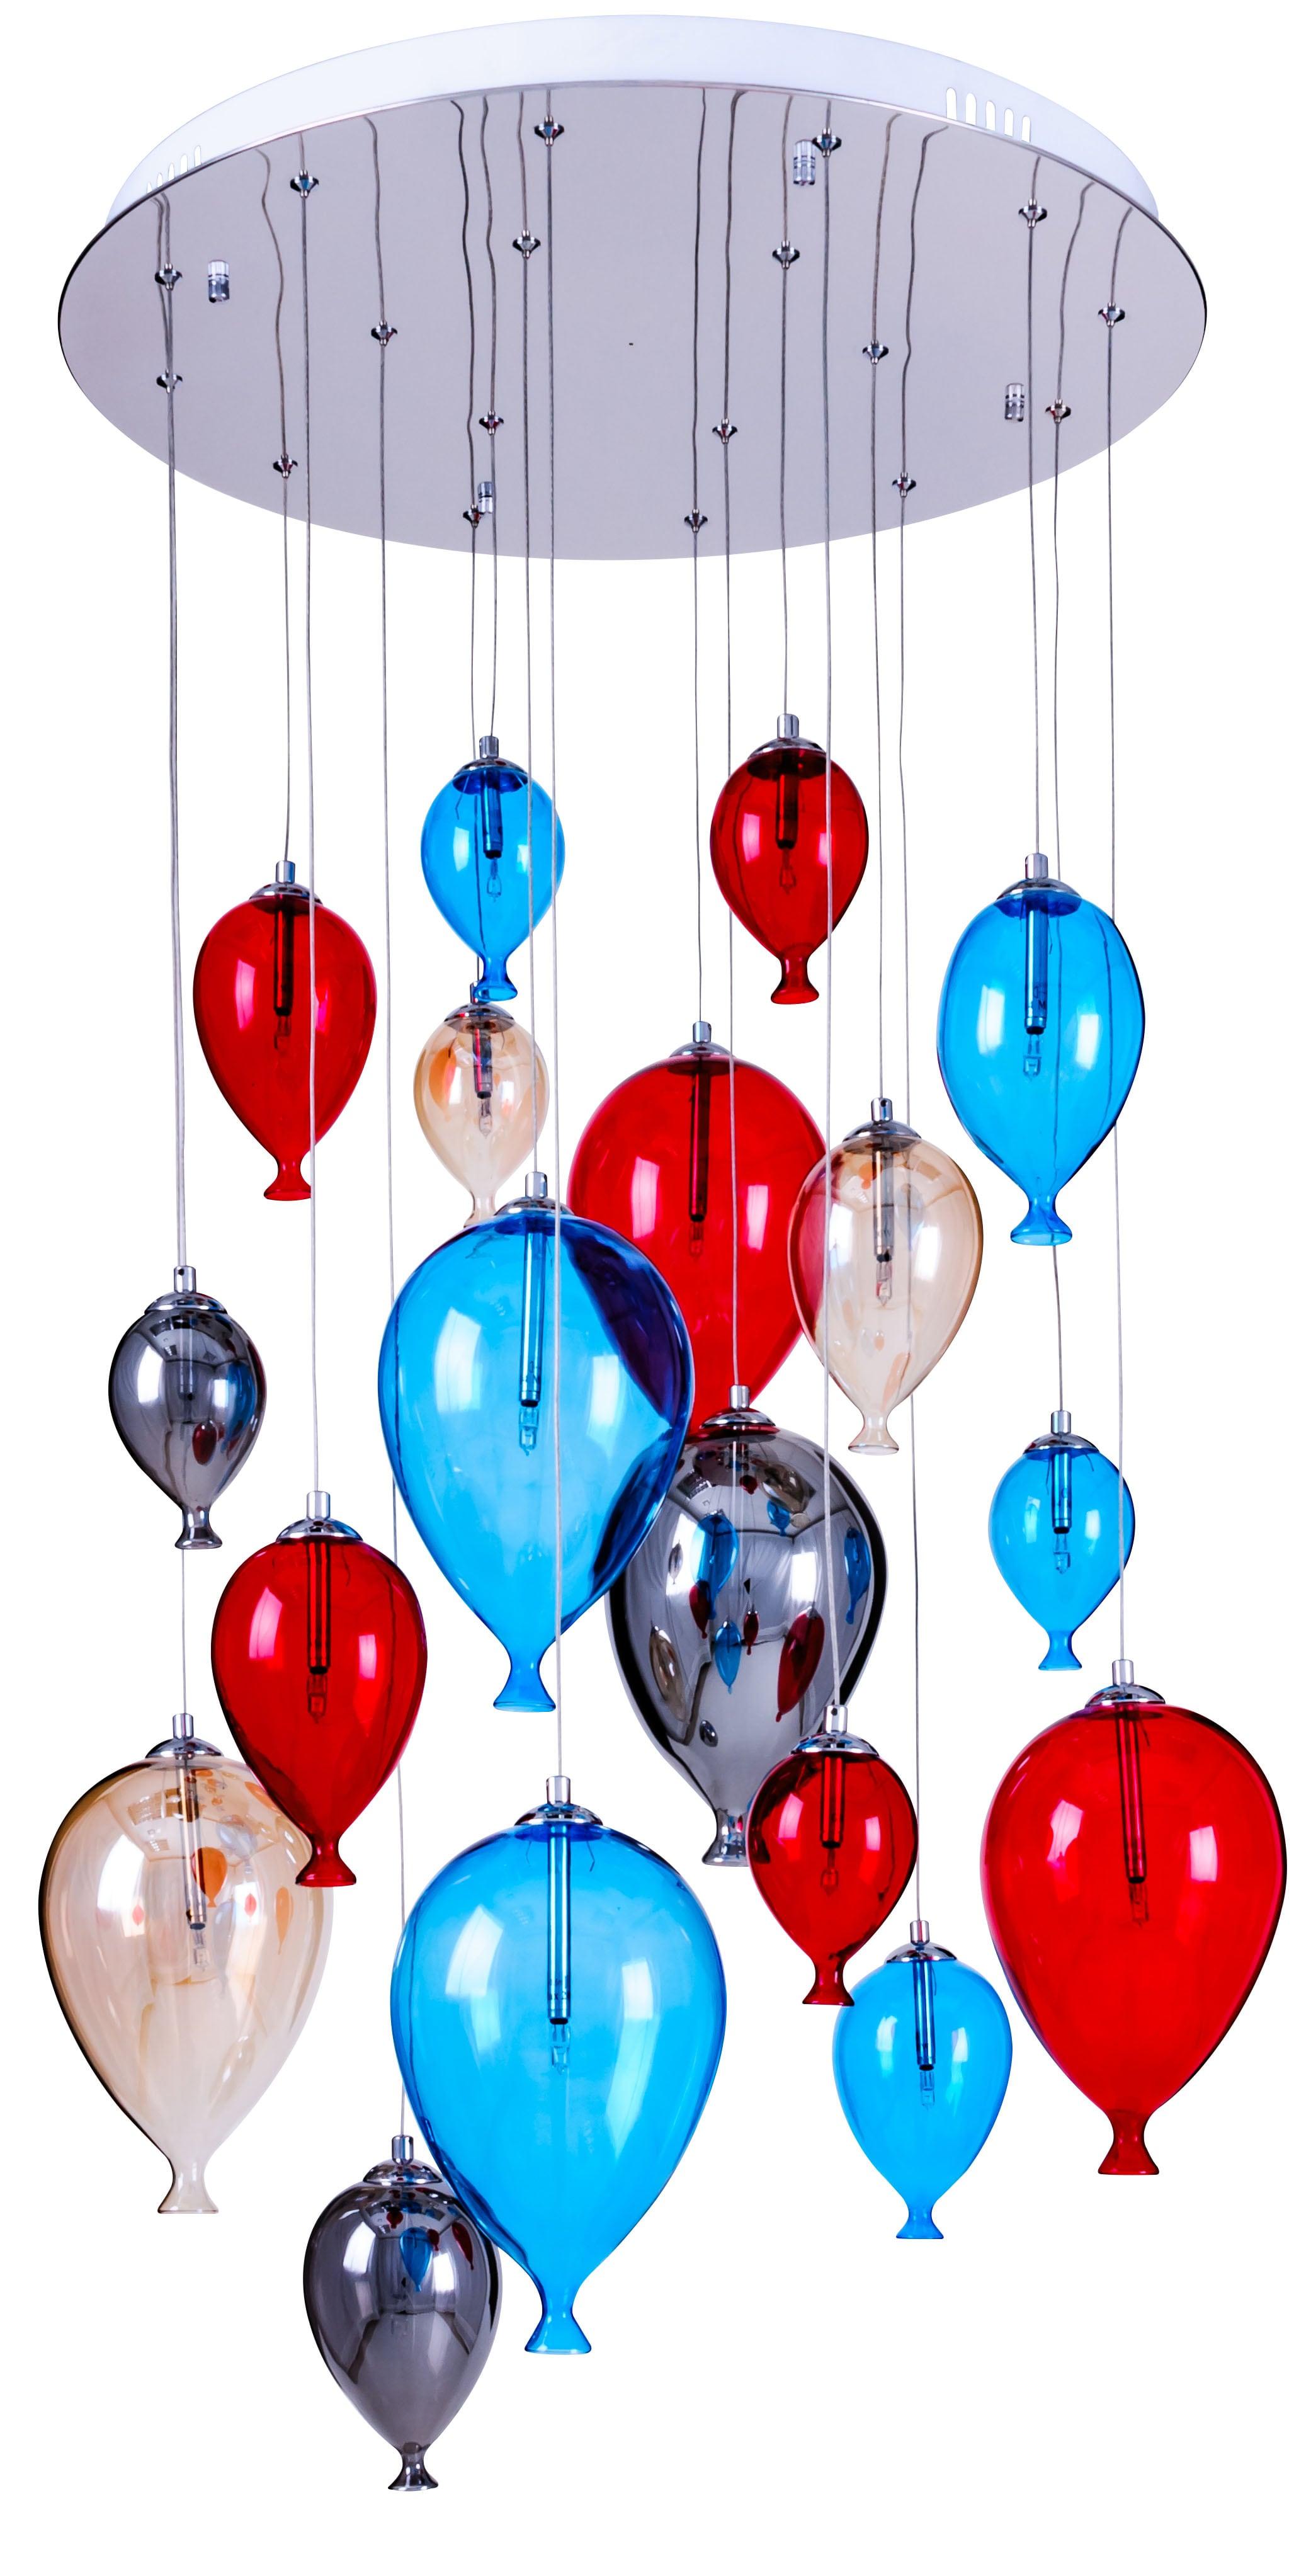 Lampa cu balon suspendată pentru copii în opt puncte - Balon multicolor 160cm / 60cm 18xG4 20W